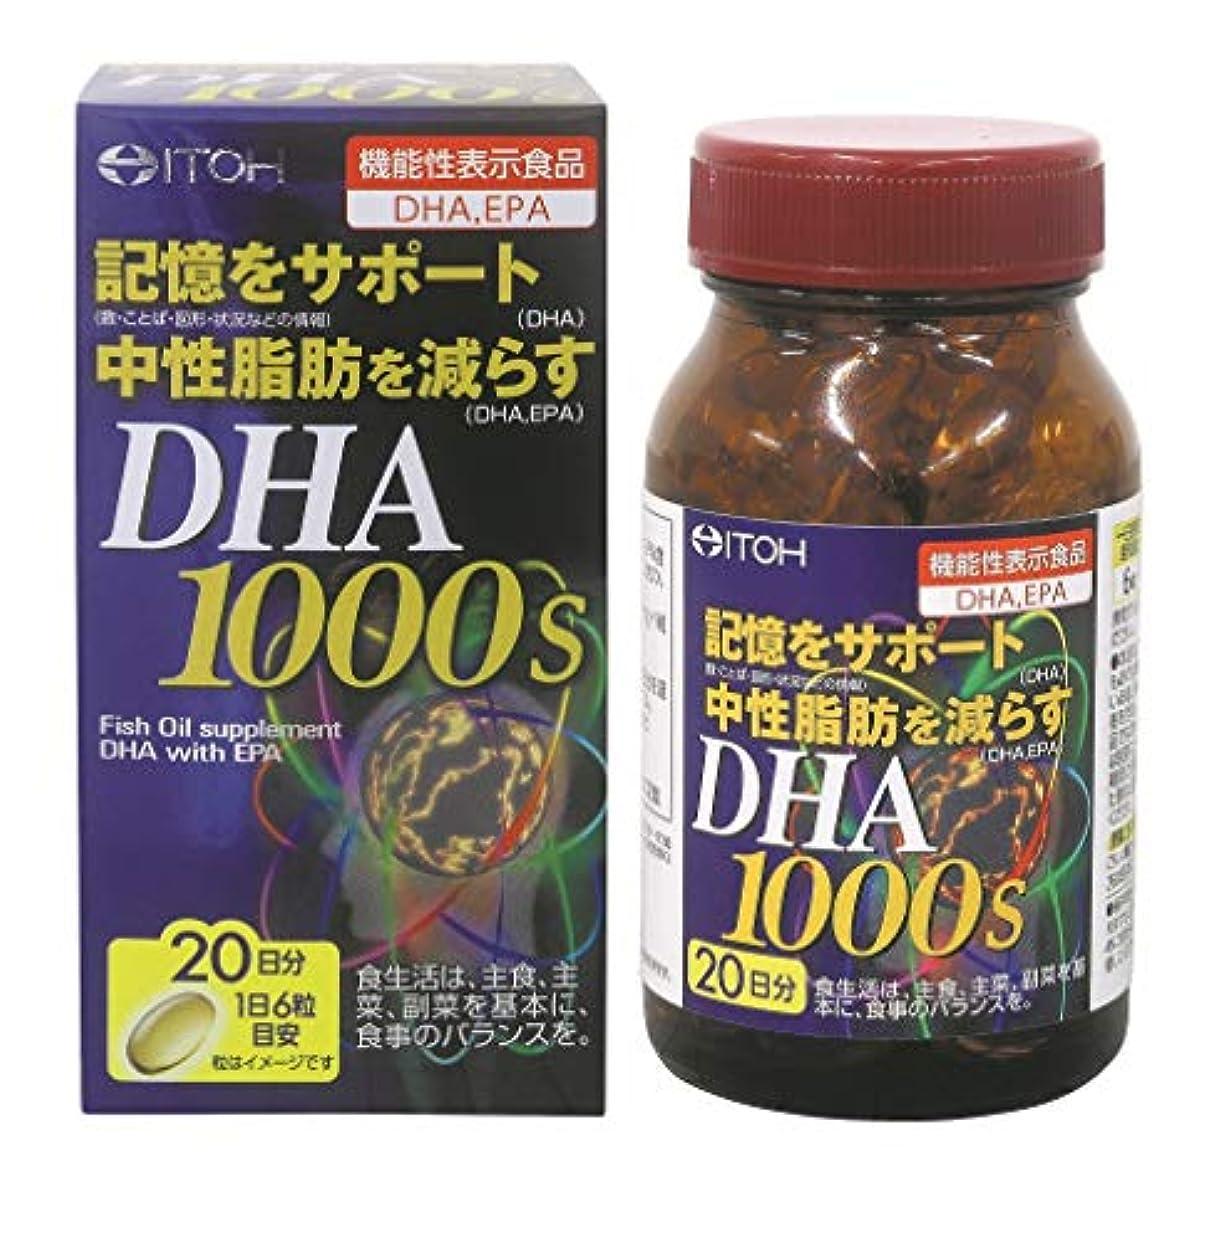 本質的に奨励します歯科の井藤漢方製薬 DHA1000 約20日分 120粒